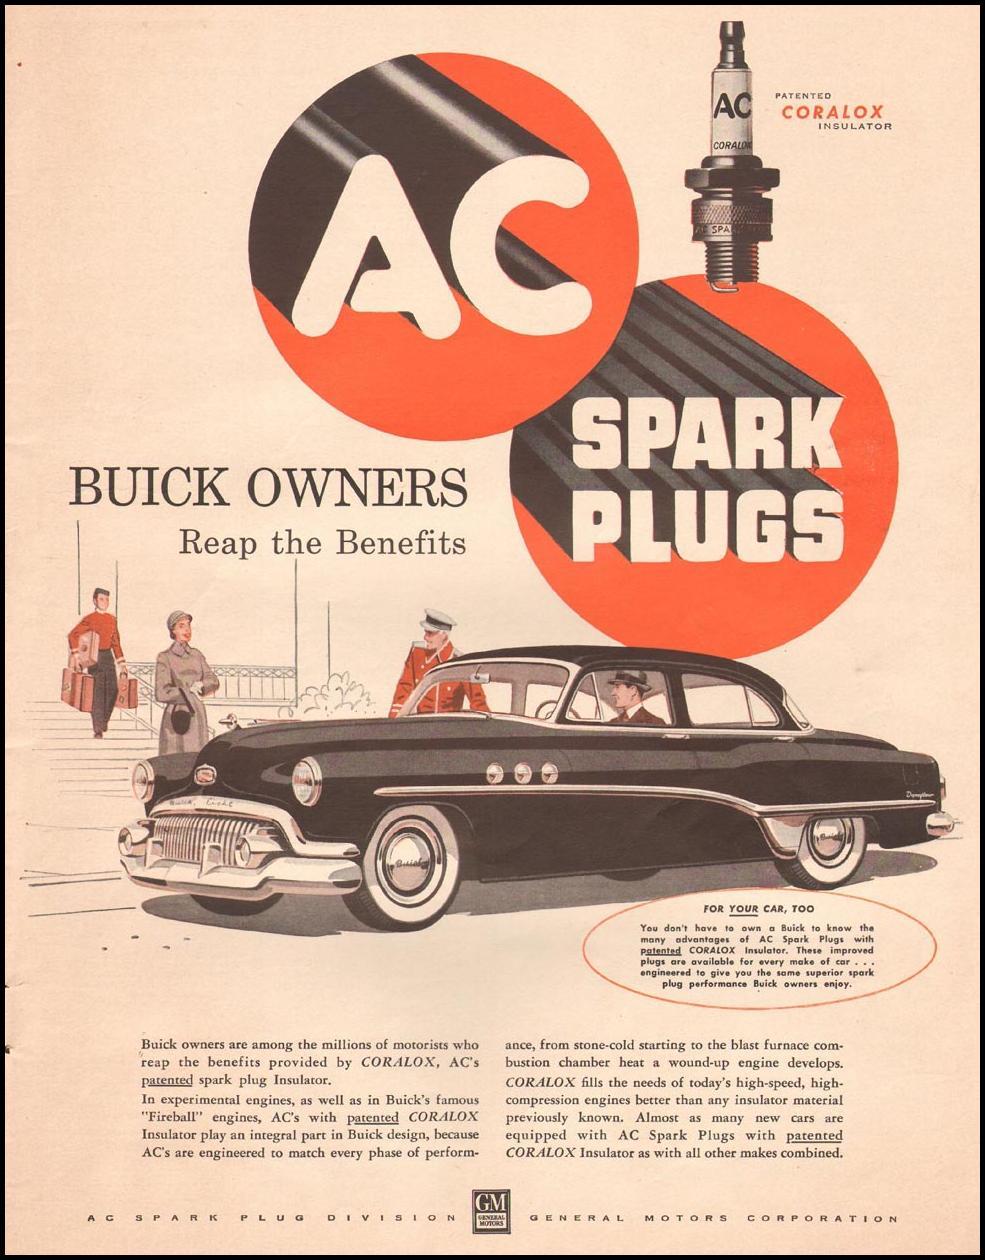 AC SPARK PLUGS LIFE 10/01/1951 p. 5